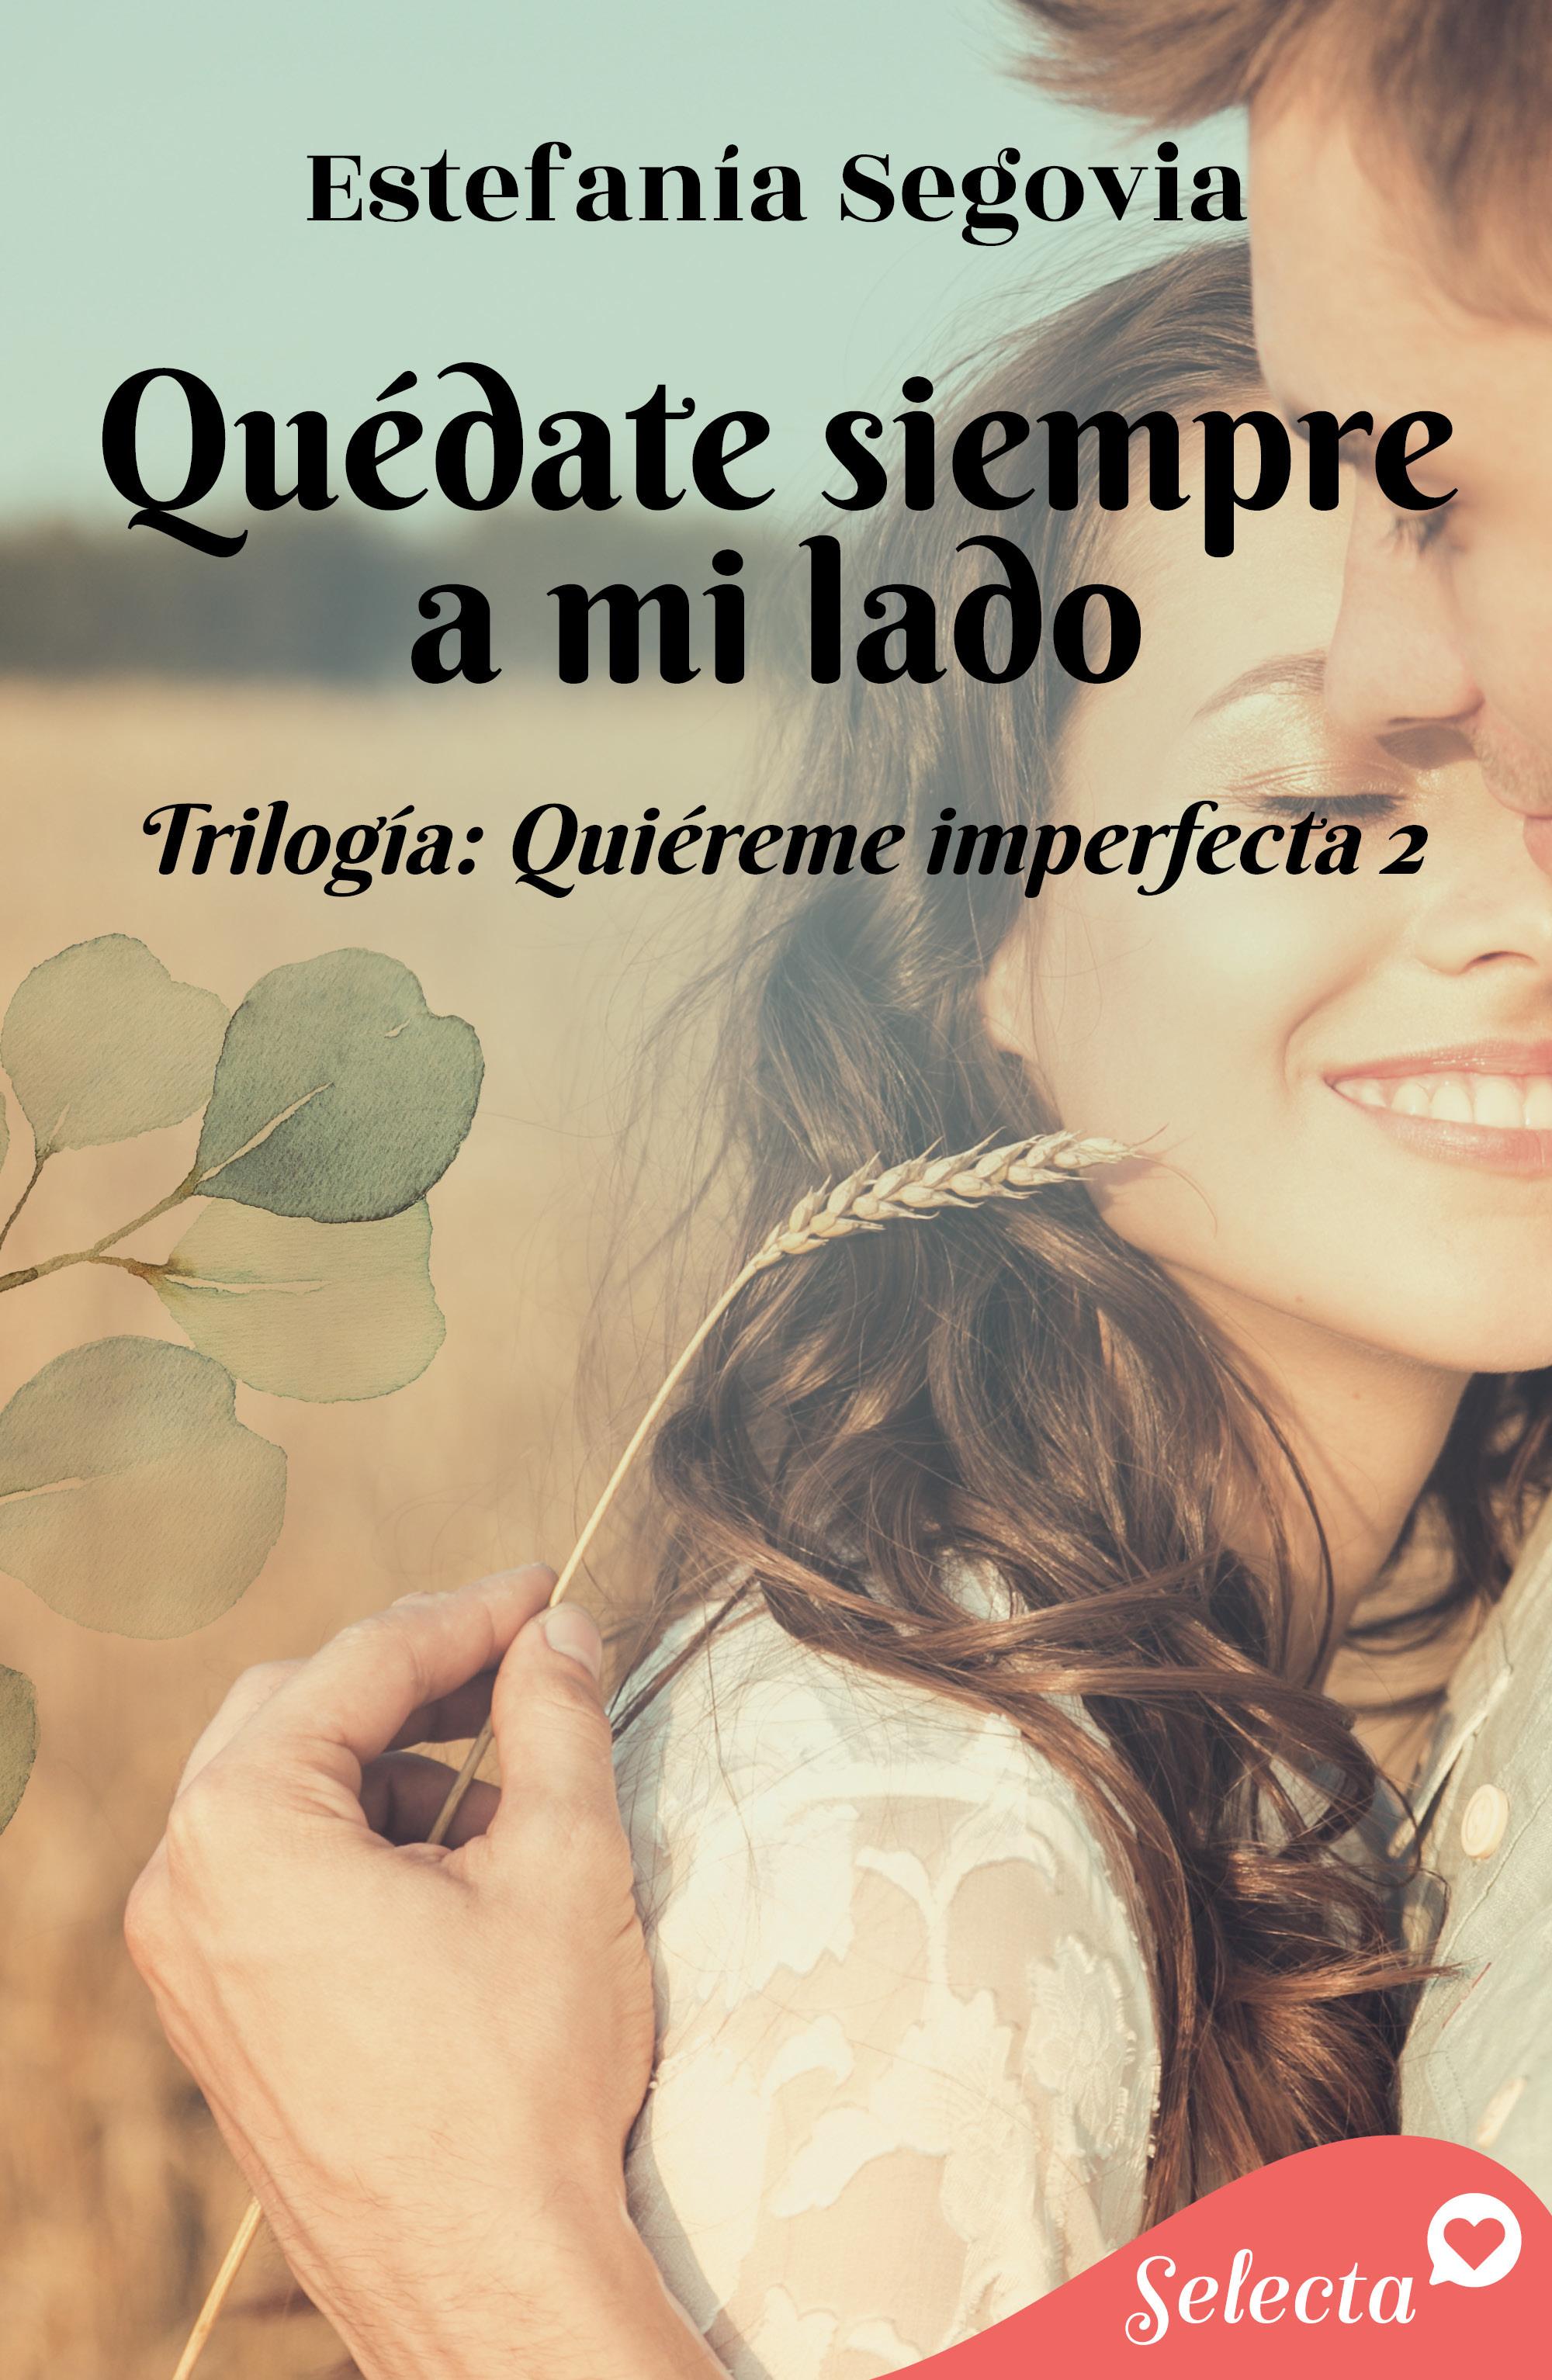 Quédate siempre a mi lado (Trilogía Quiéreme imperfecta 2)